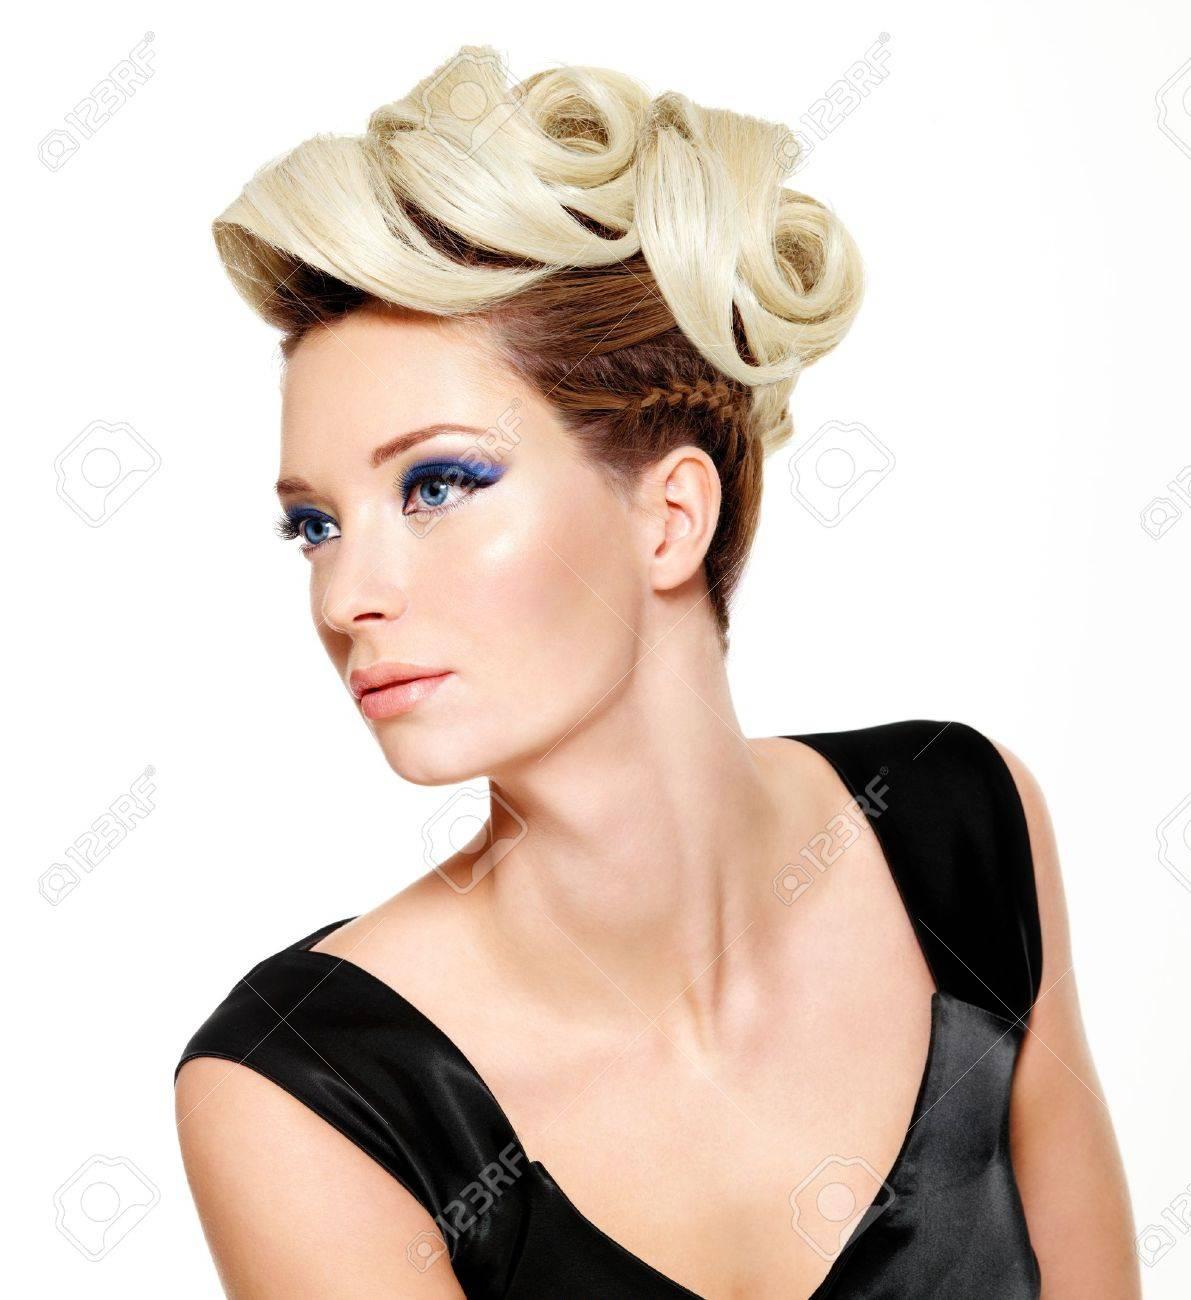 hermosa mujer con peinado moderno y de moda el maquillaje de los ojos aisladas sobre